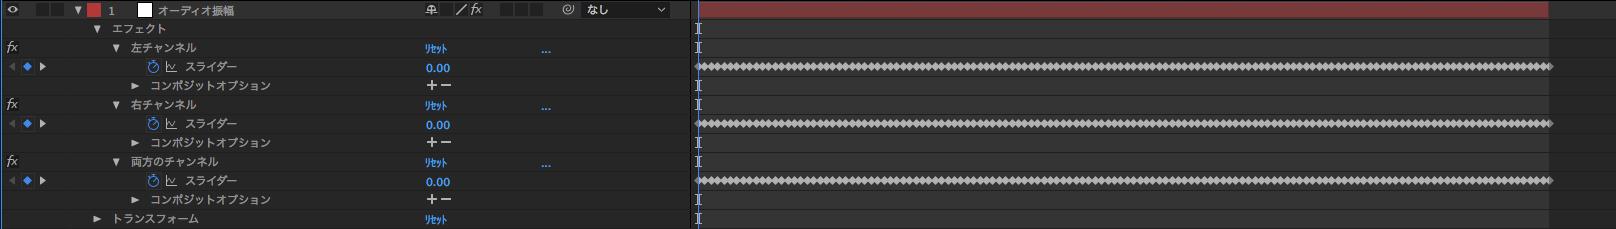 アフターエフェクト 音楽に合わせてキーフレームをつける方法